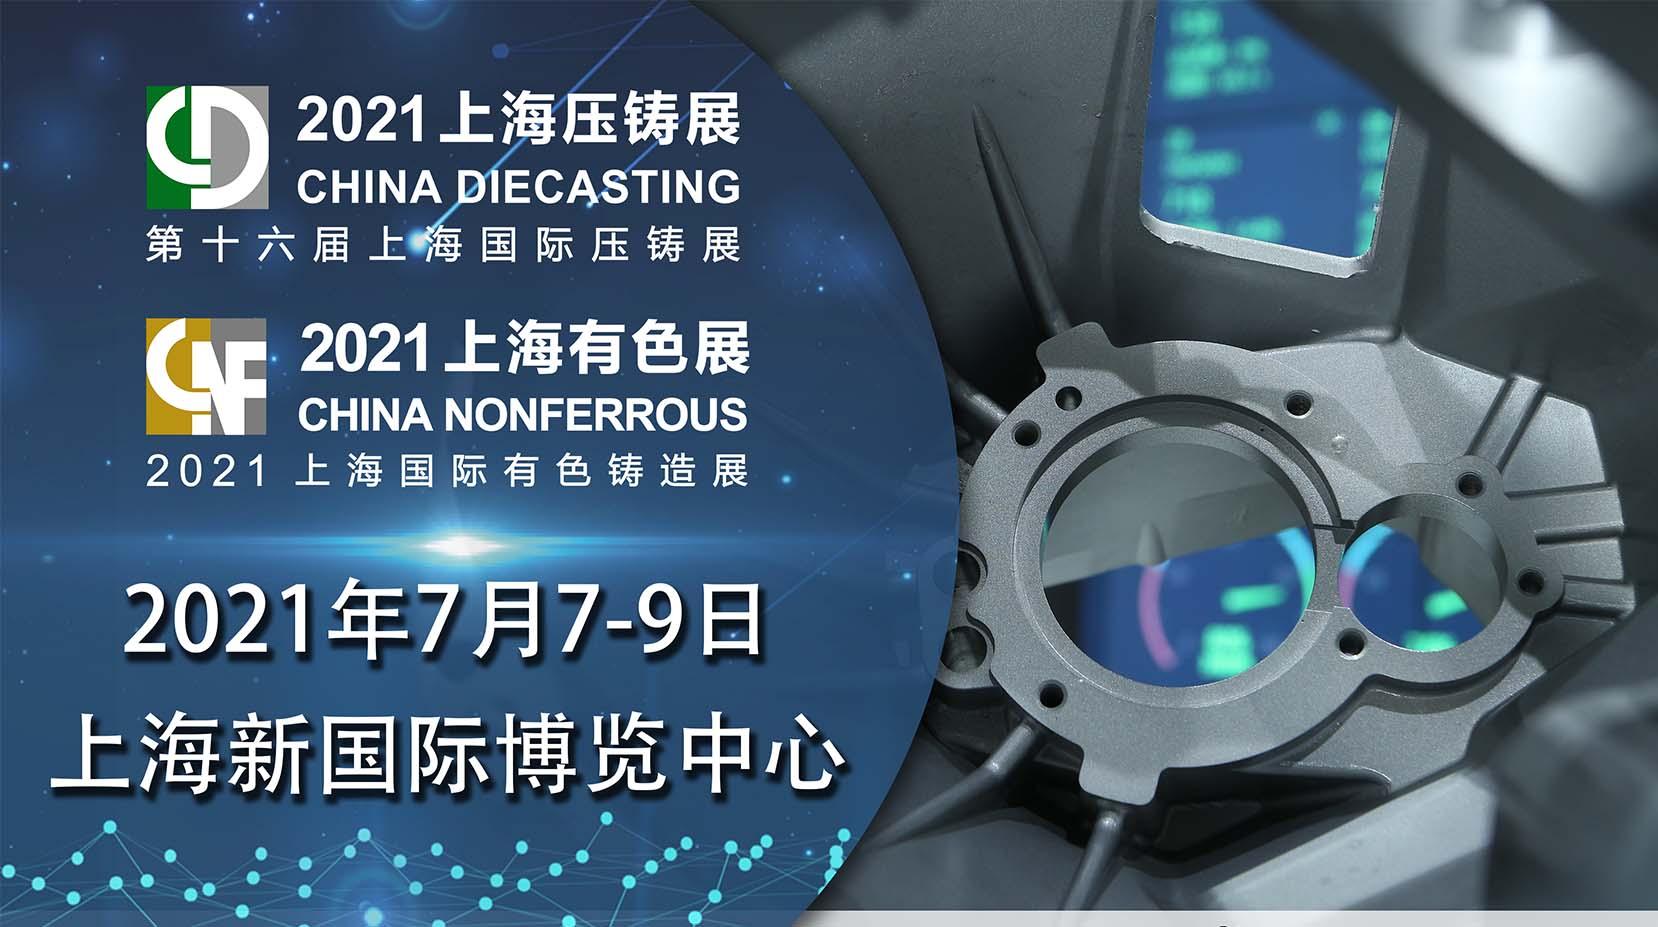 【锐捷快讯】锐捷智创亮相第十六届上海国际压铸展(同期:2021上海国际有色铸造展)